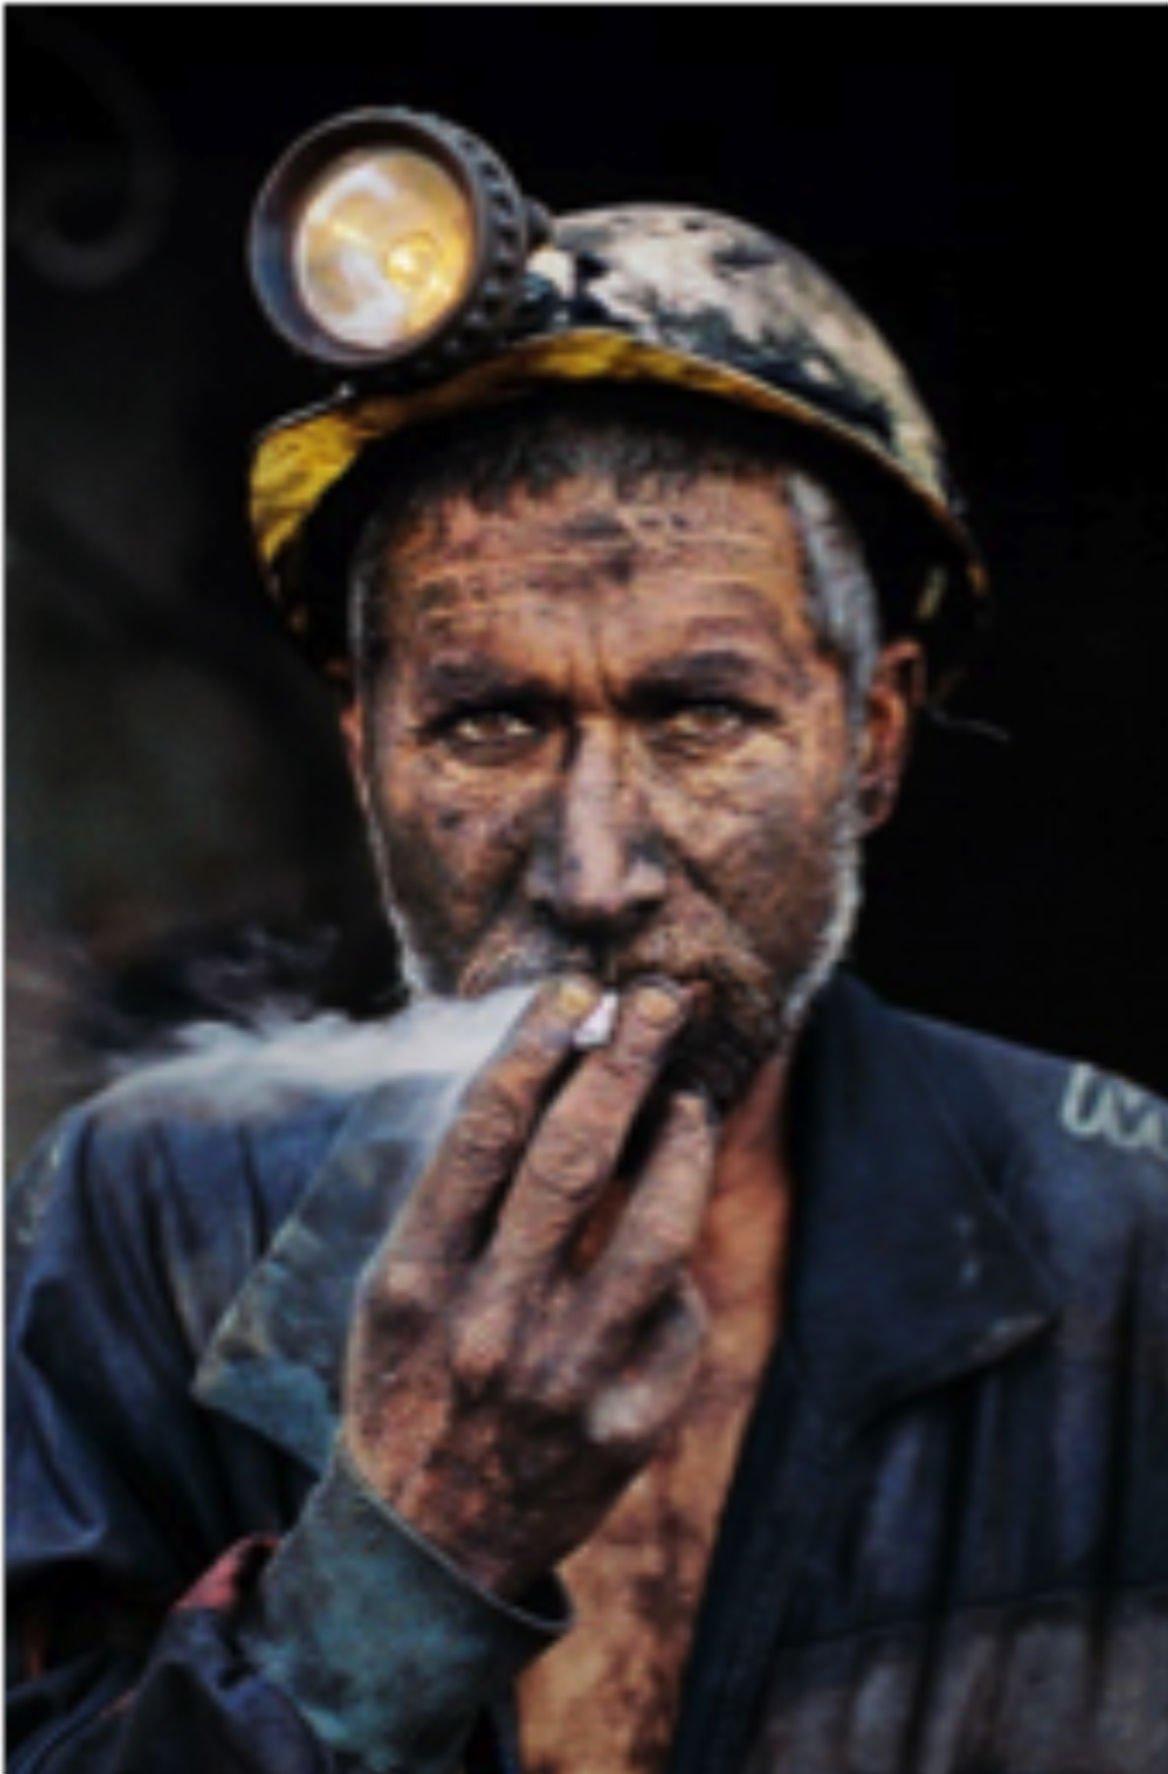 Steve McCurry: A Photographer, A Legend